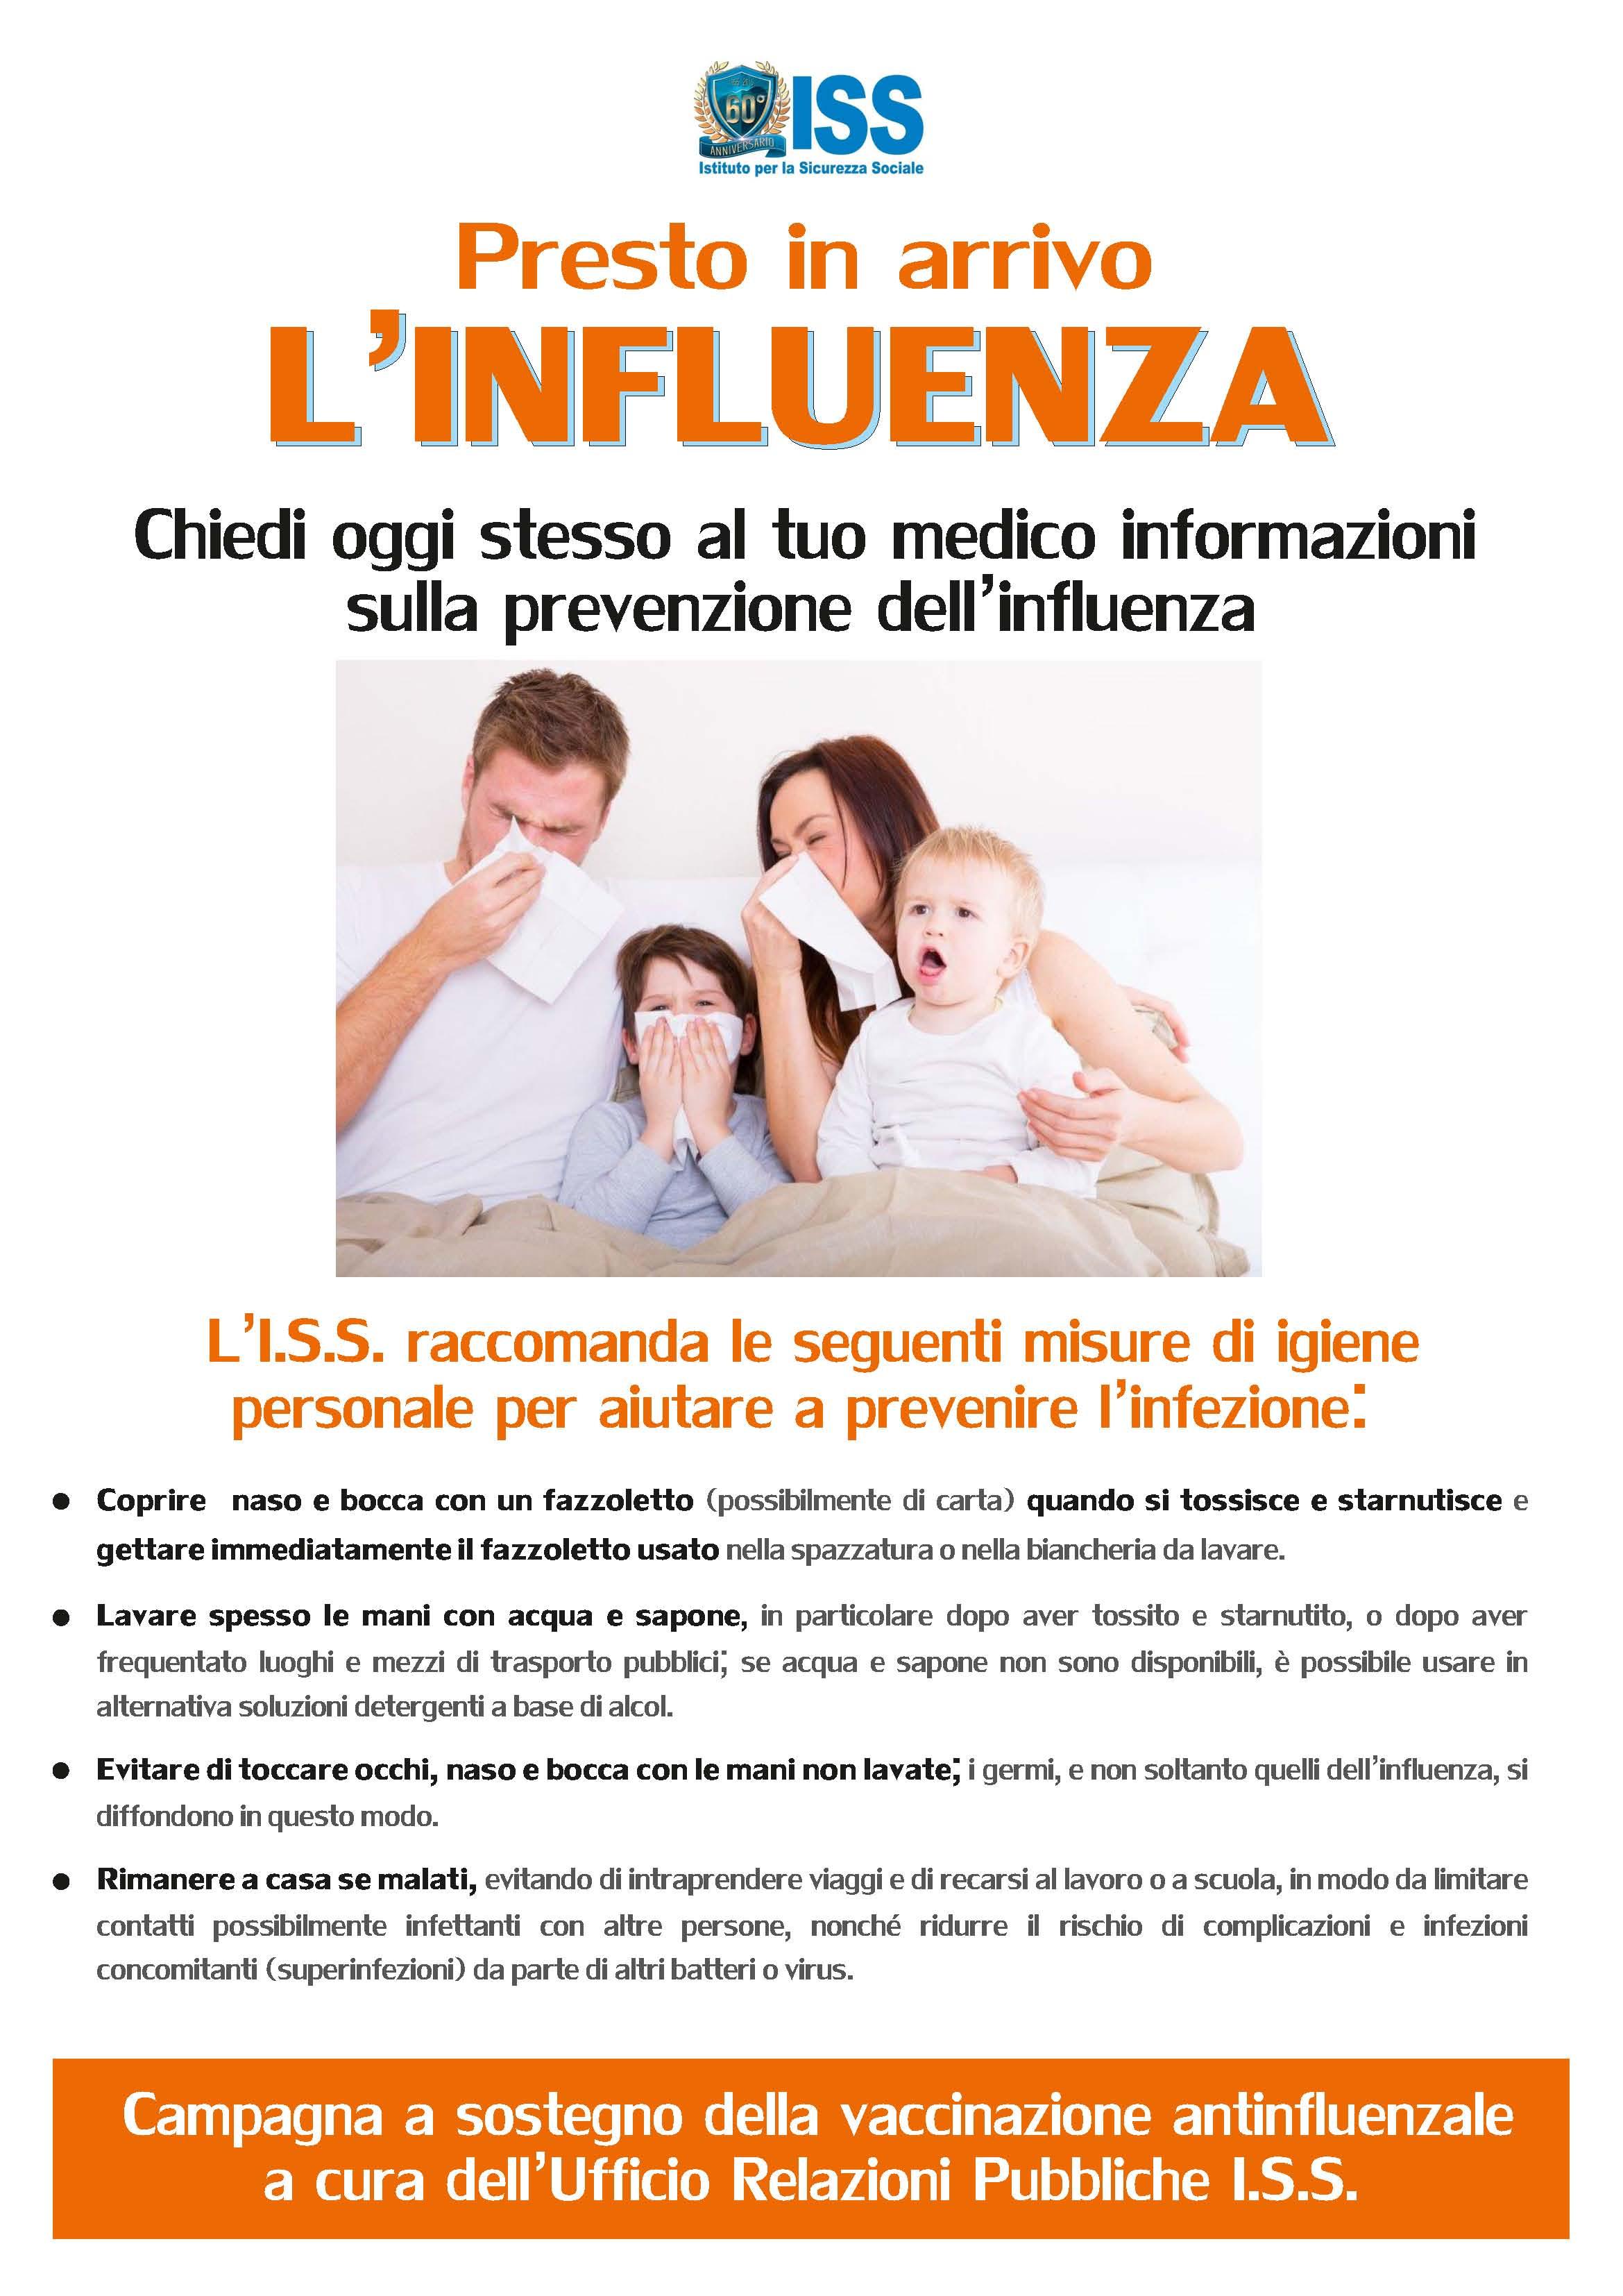 ISS - Istituto per la Sicurezza Sociale di San Marino